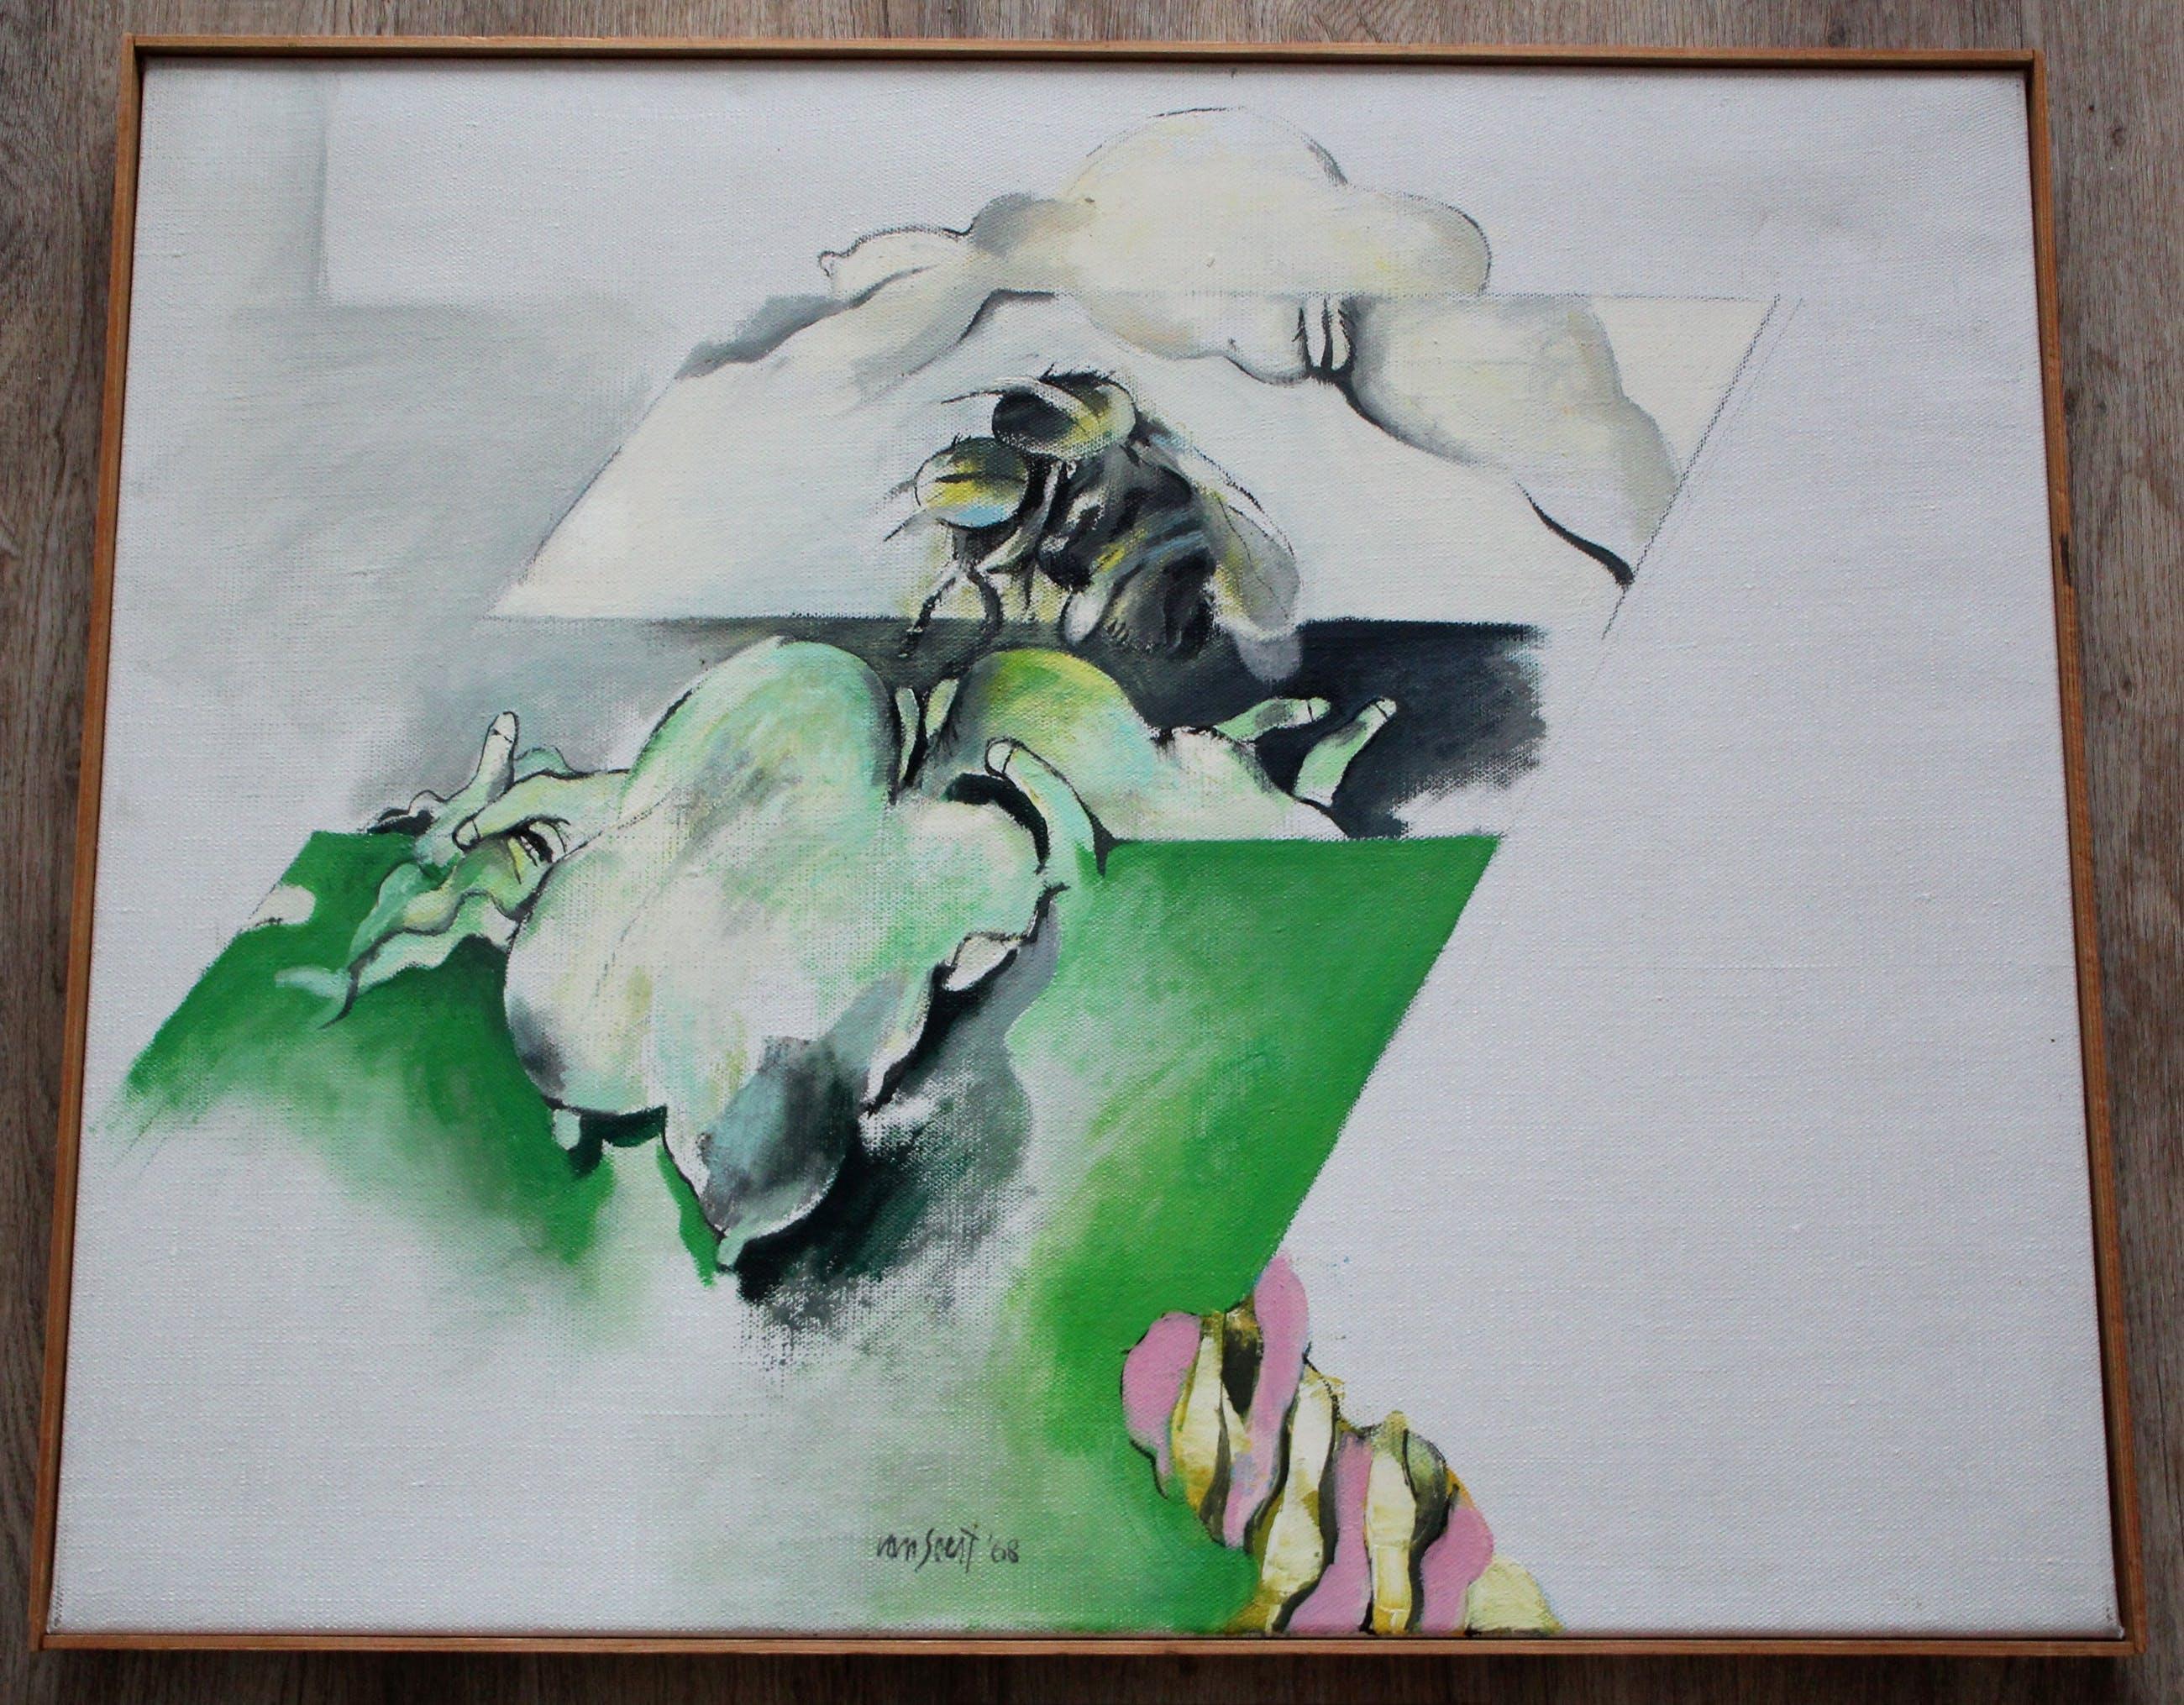 Pierre van Soest - Olieverf op doek: Insekten II - 1968 kopen? Bied vanaf 995!